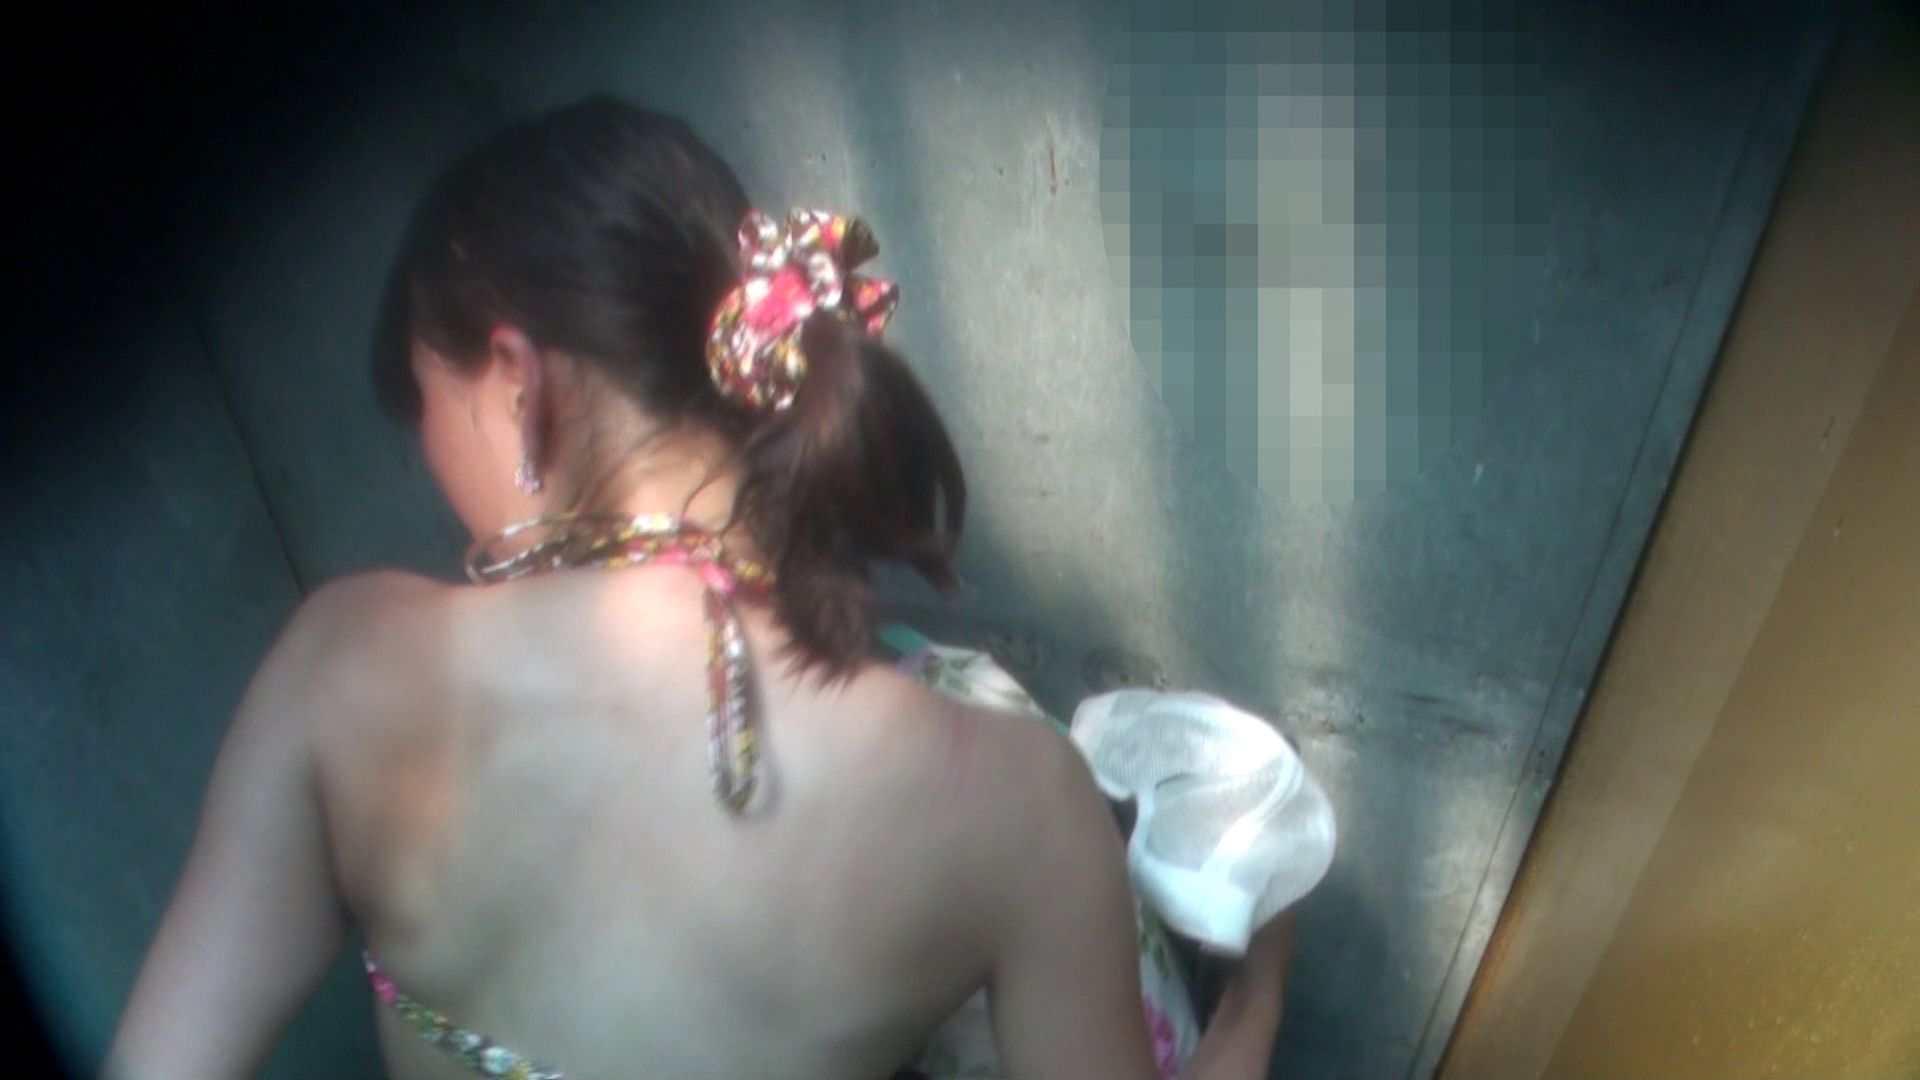 シャワールームは超!!危険な香りVol.16 意外に乳首は年増のそれ シャワー 戯れ無修正画像 44連発 7